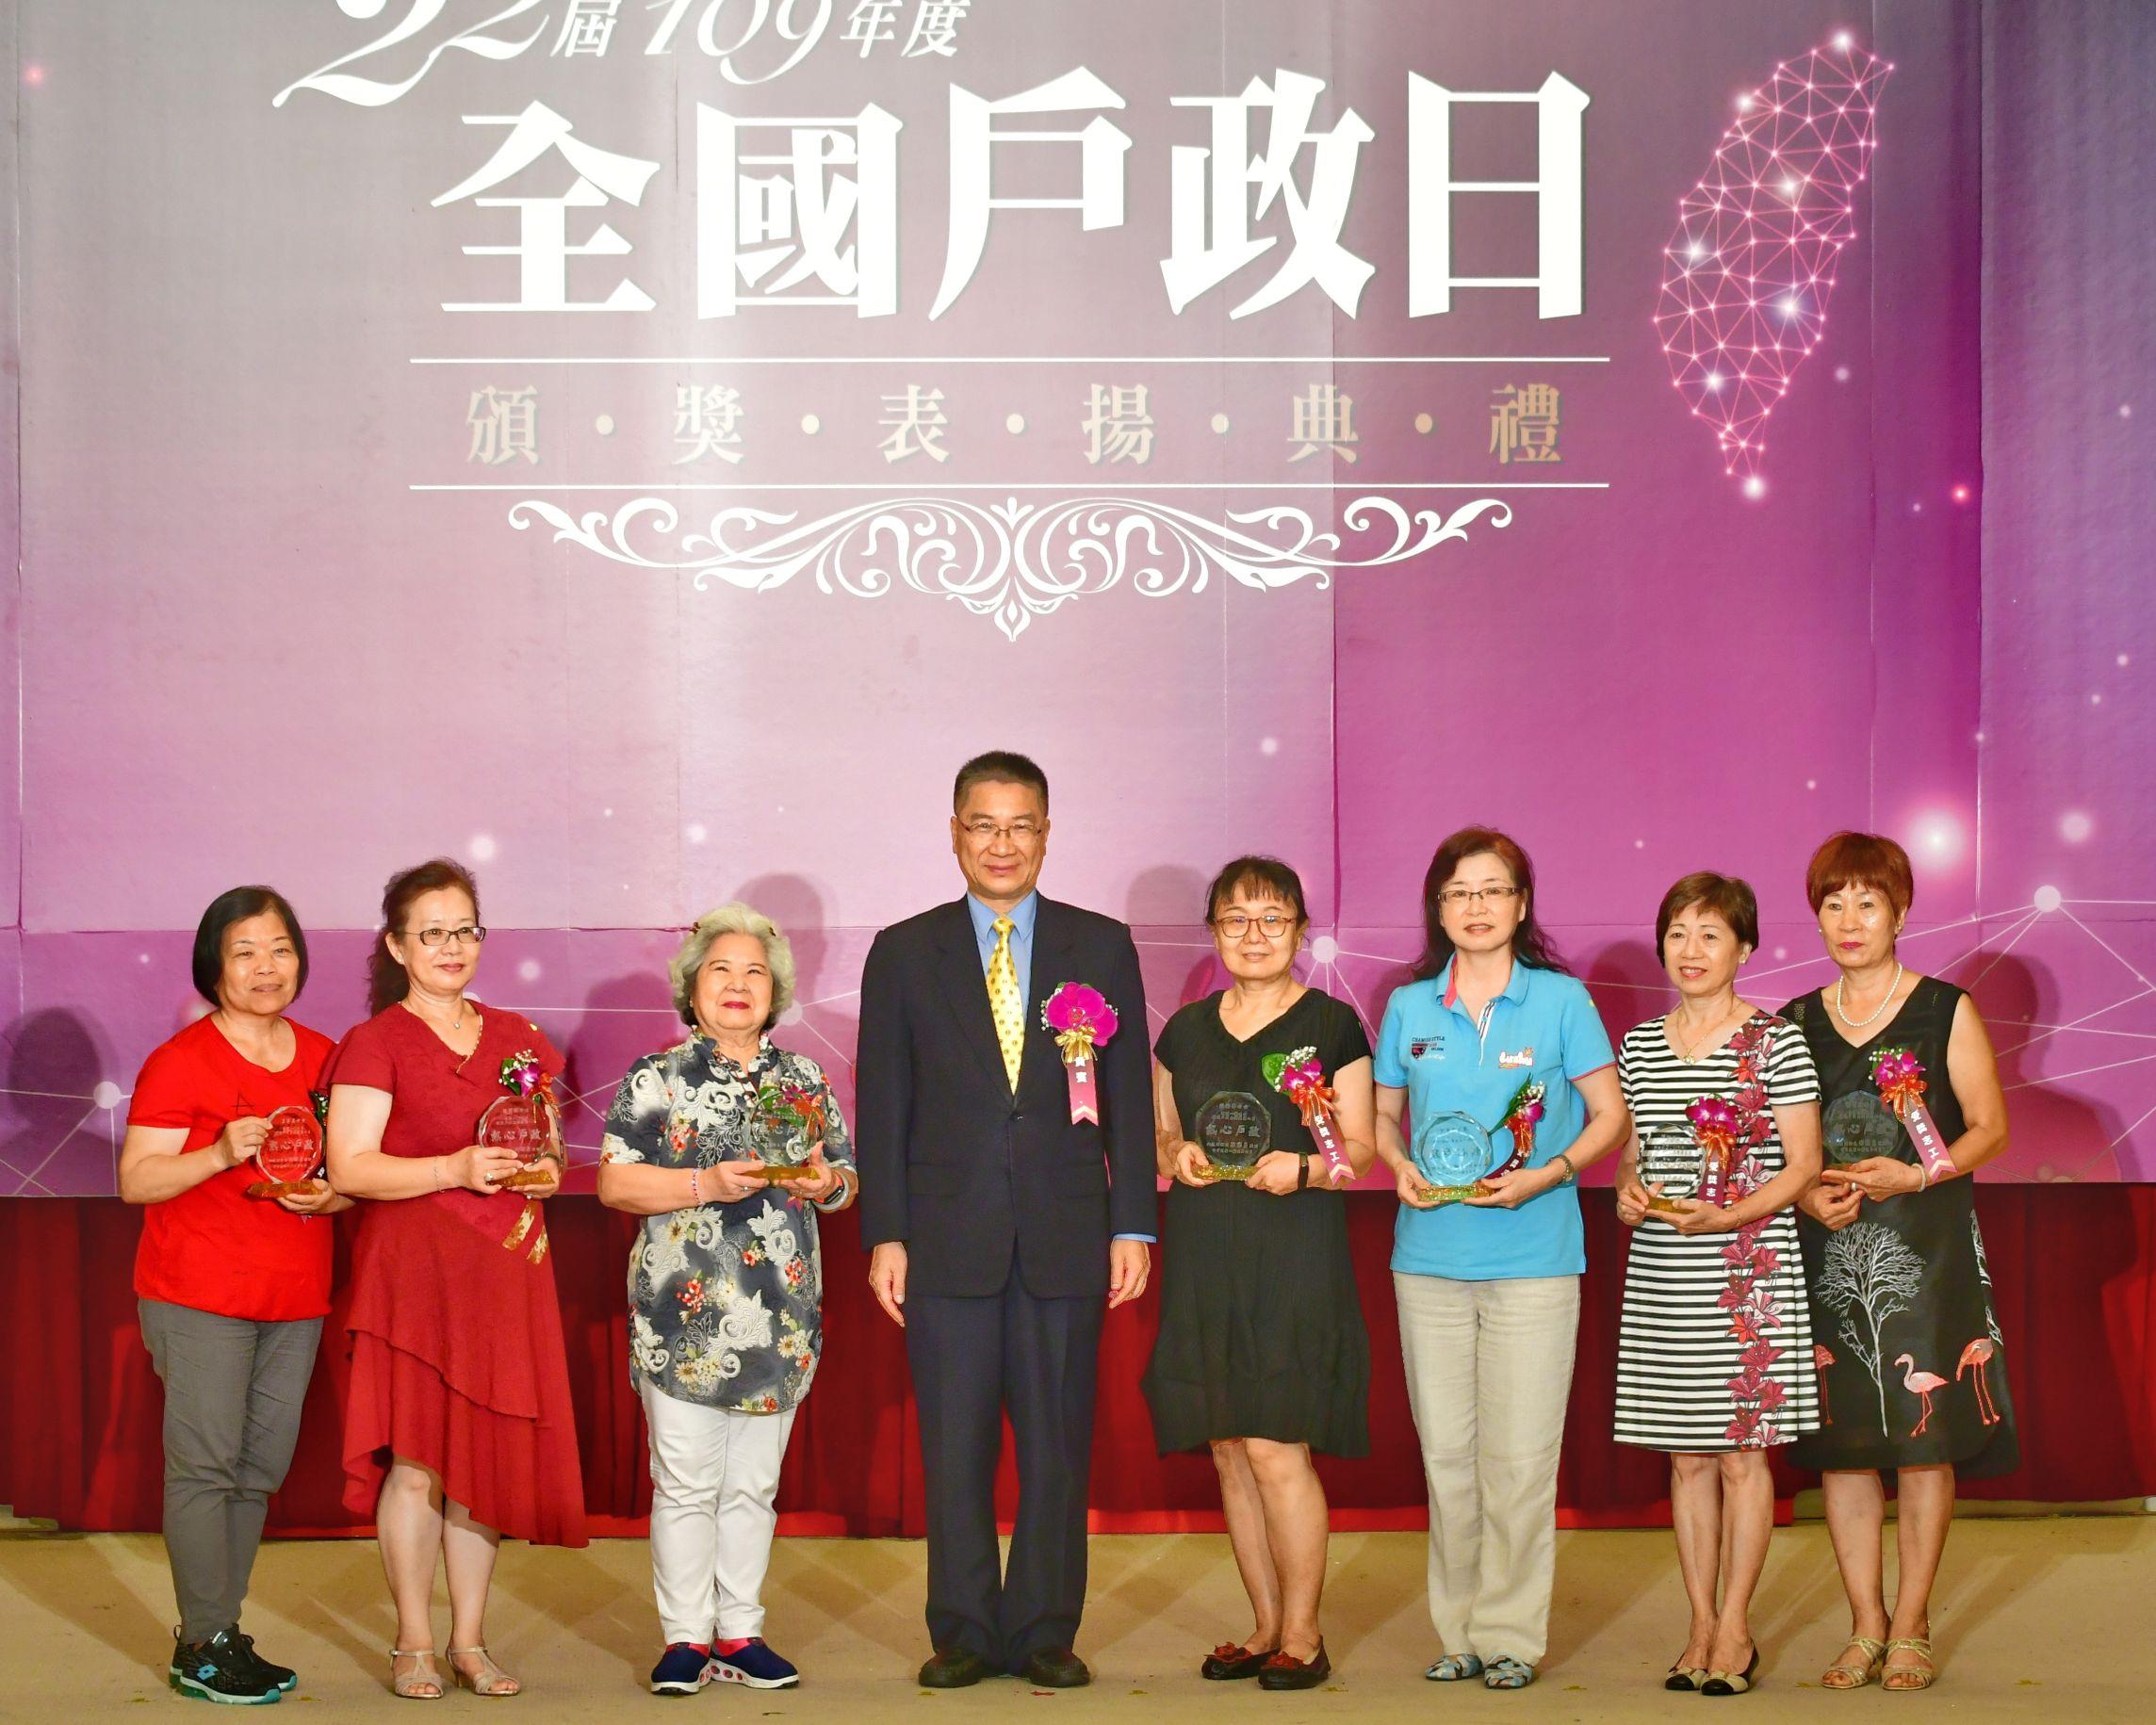 內政部長徐國勇頒獎表揚(左4)績優戶政人員及志工